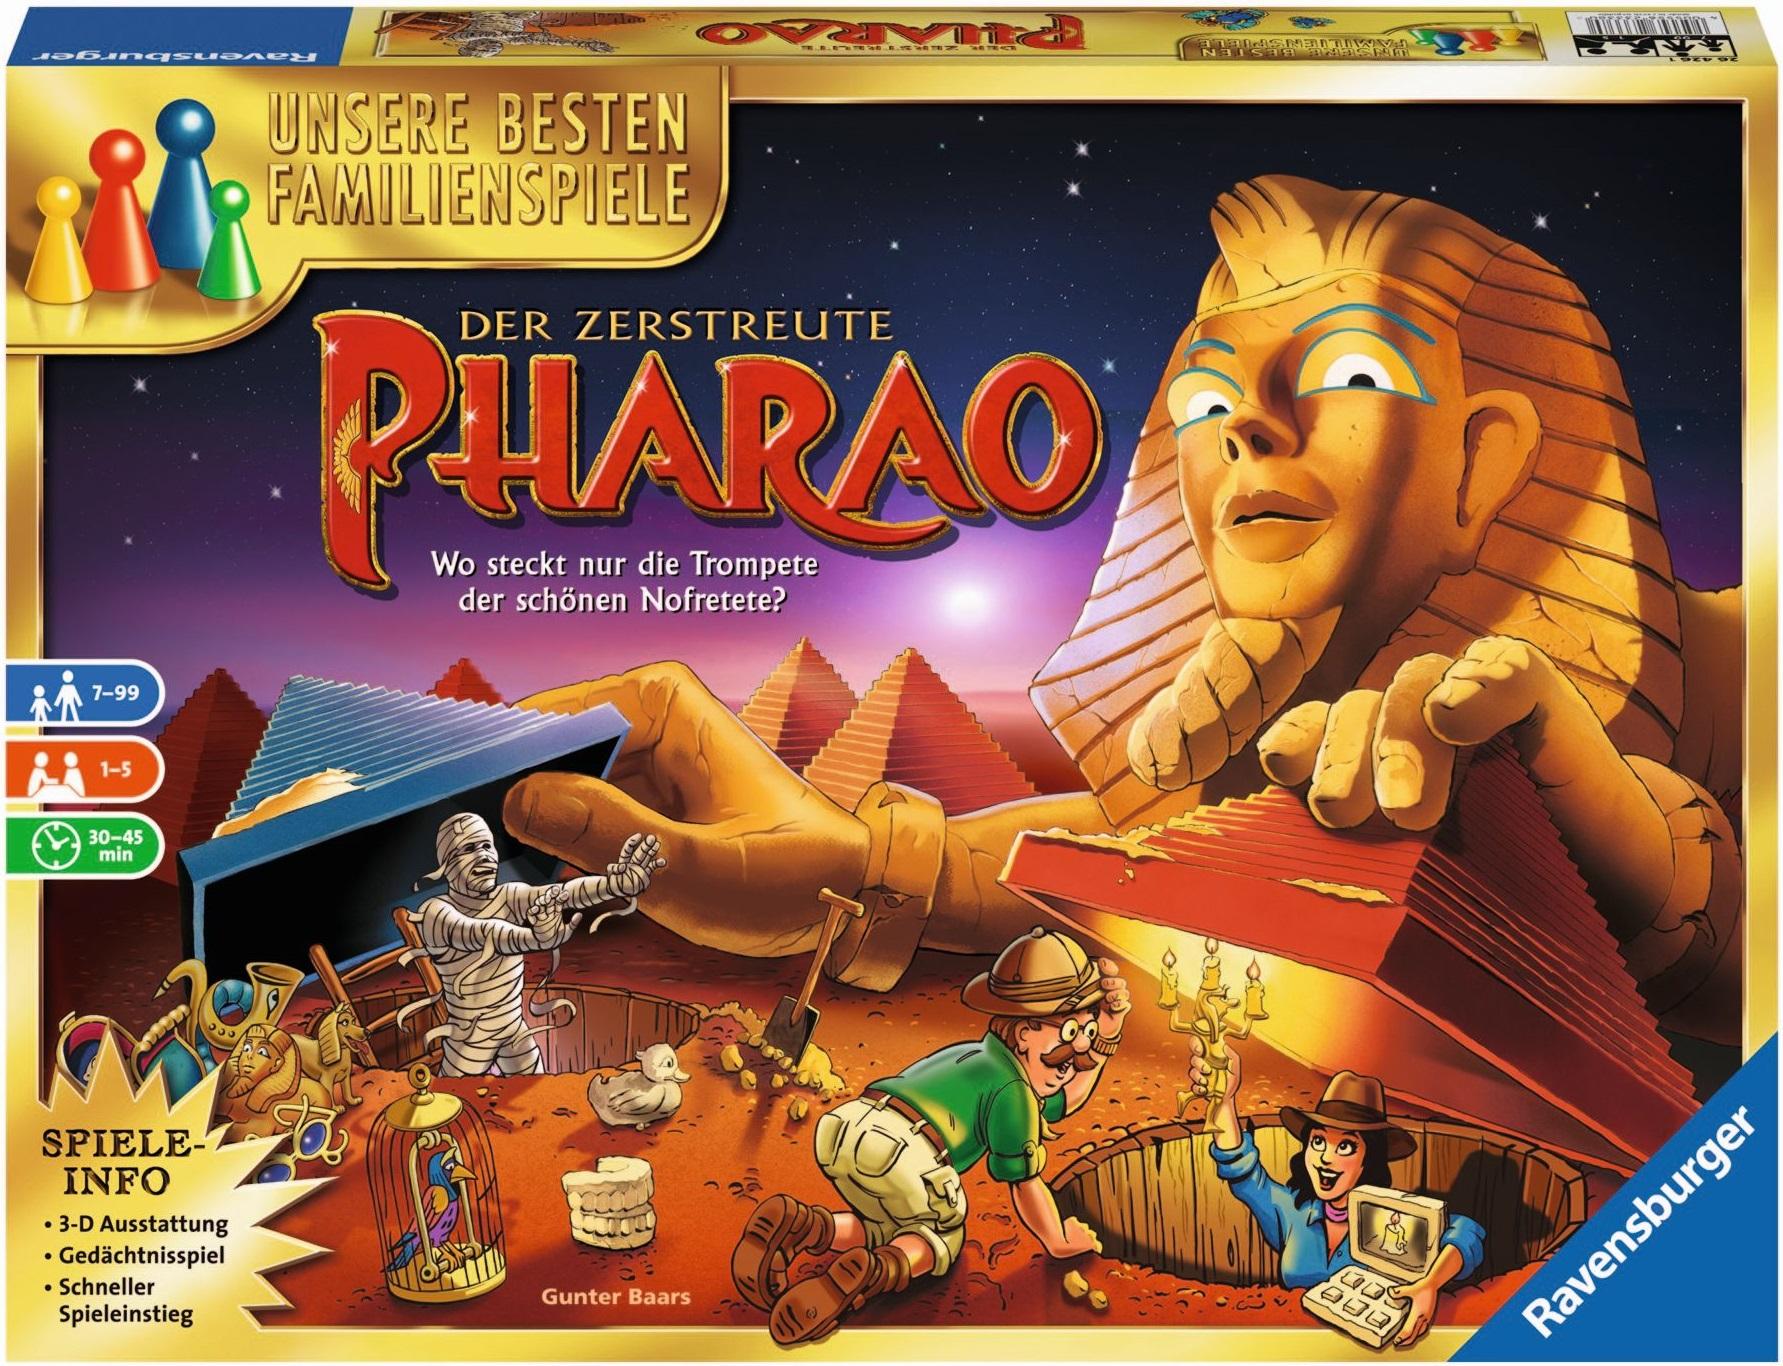 Der zerstreute Pharao